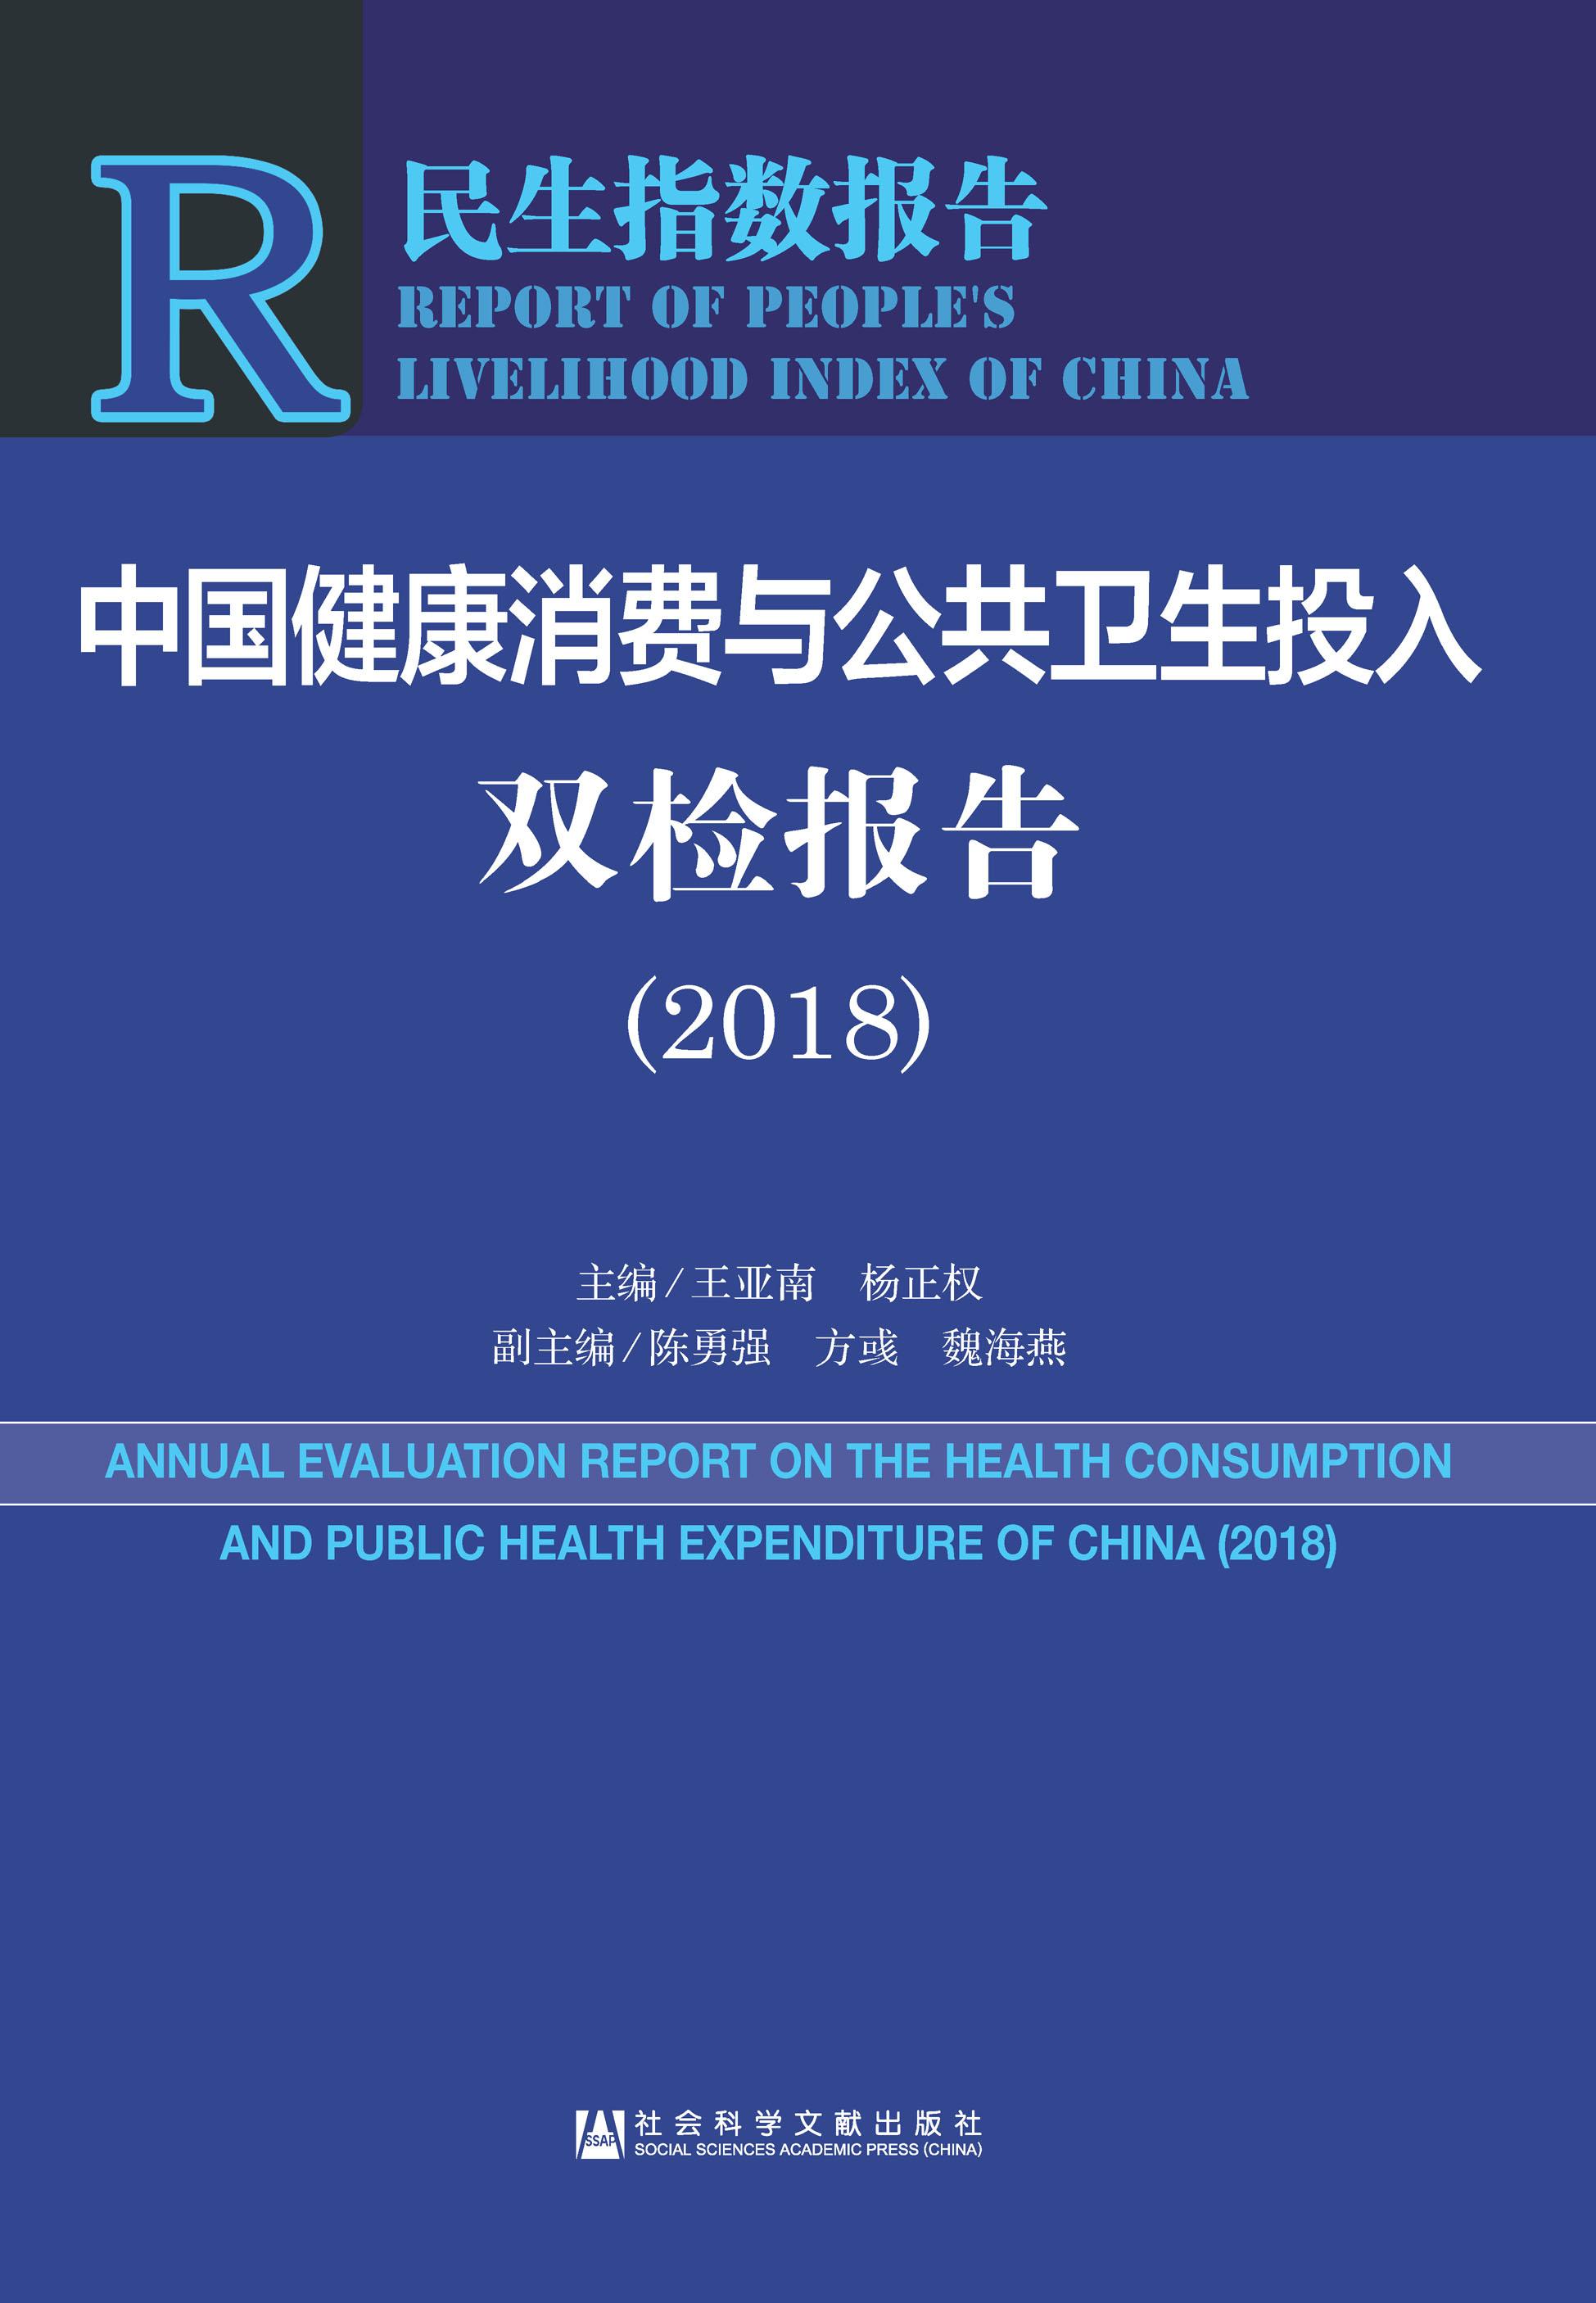 中国健康消费与公共卫生投入双检报告(2018)